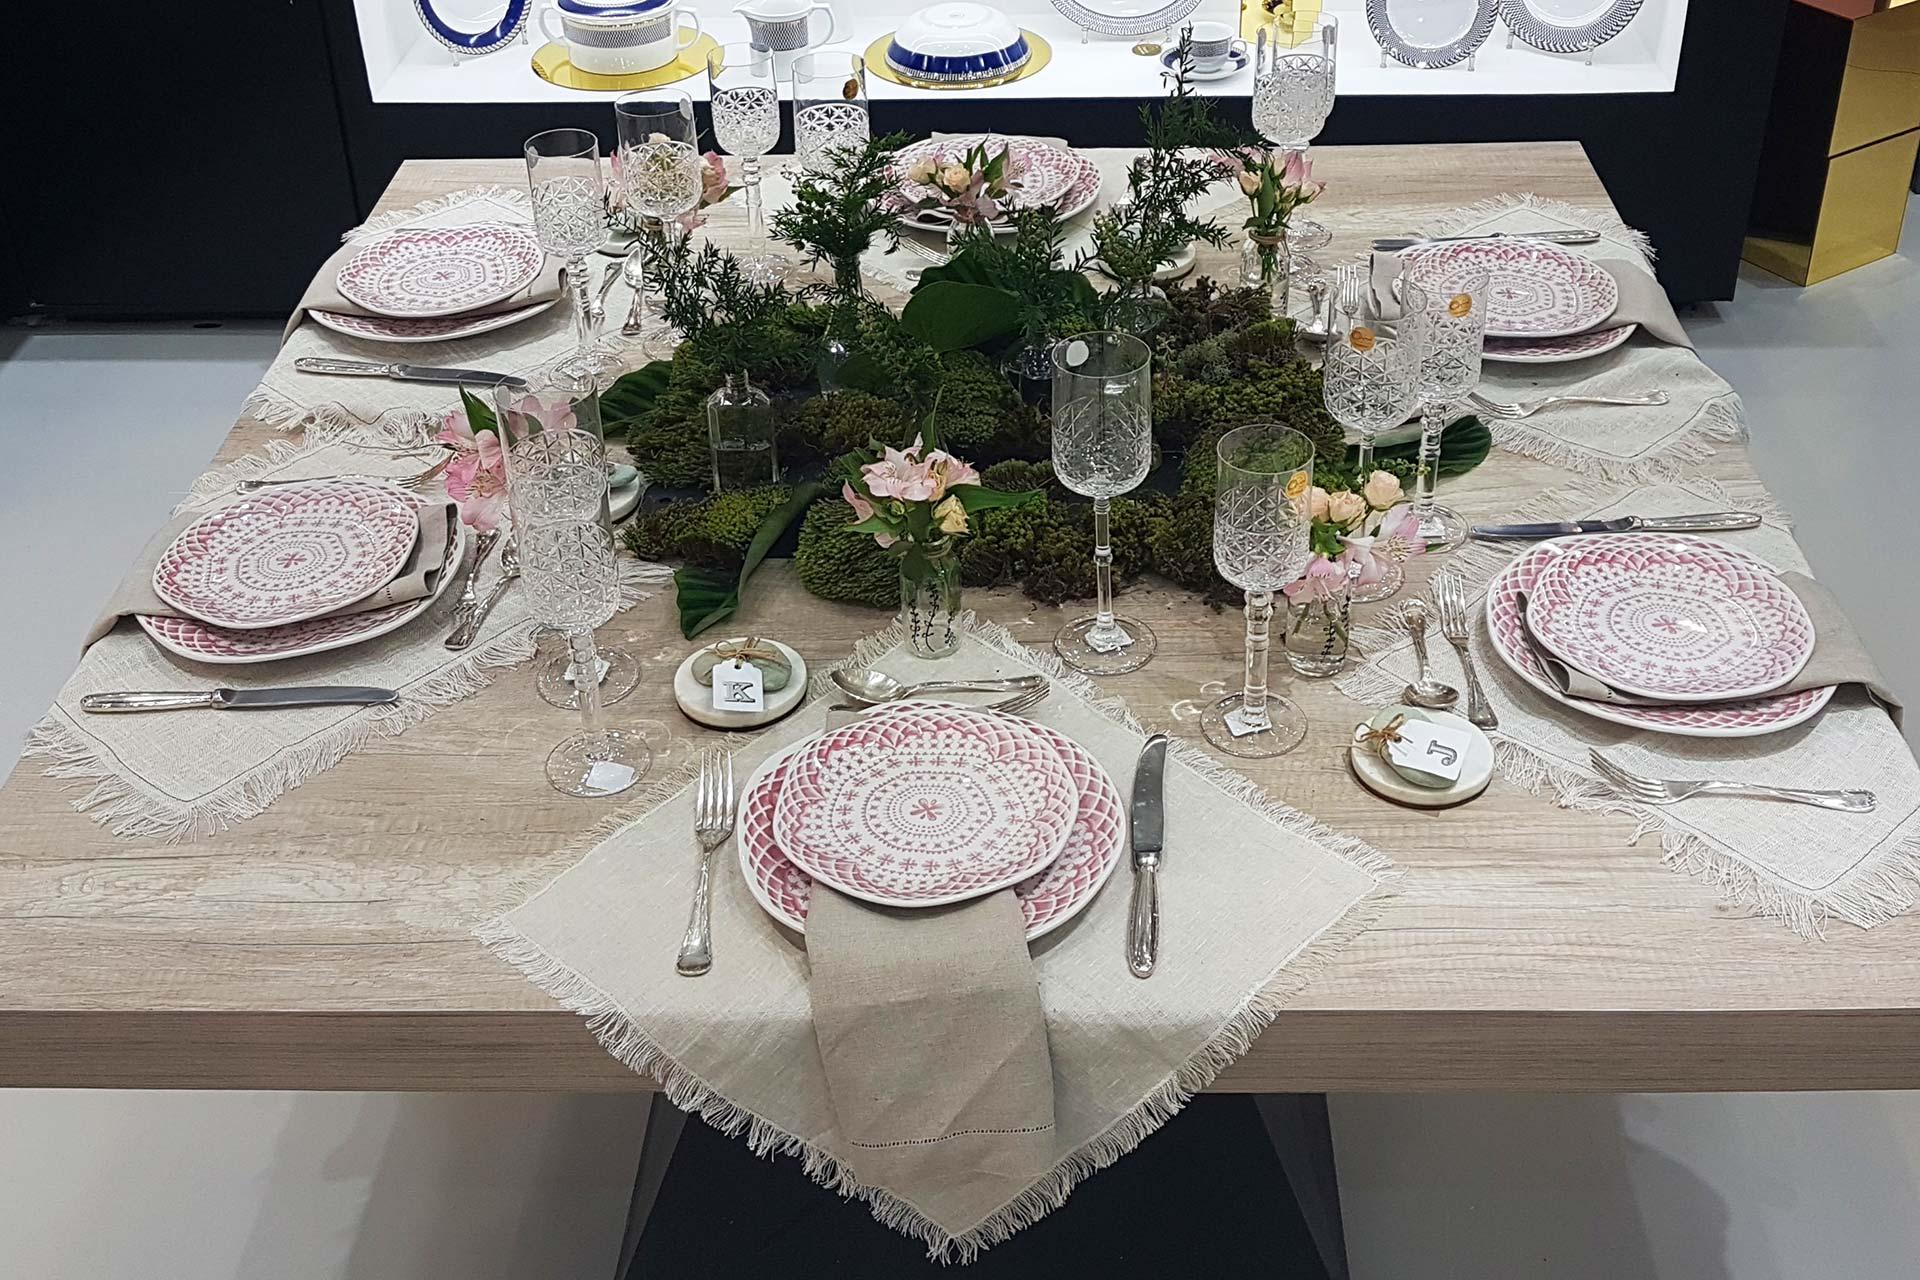 Imagem: Mesa da Cláudia Pixu no estande da Oxford na feira Home & Gift Abup, que ocorreu em fevereiro. A louça usada nessa mesa delicada e romântica foi a Ryo Paris e ela foi escolhida pelo público através de uma enquete no Instagram da marca.